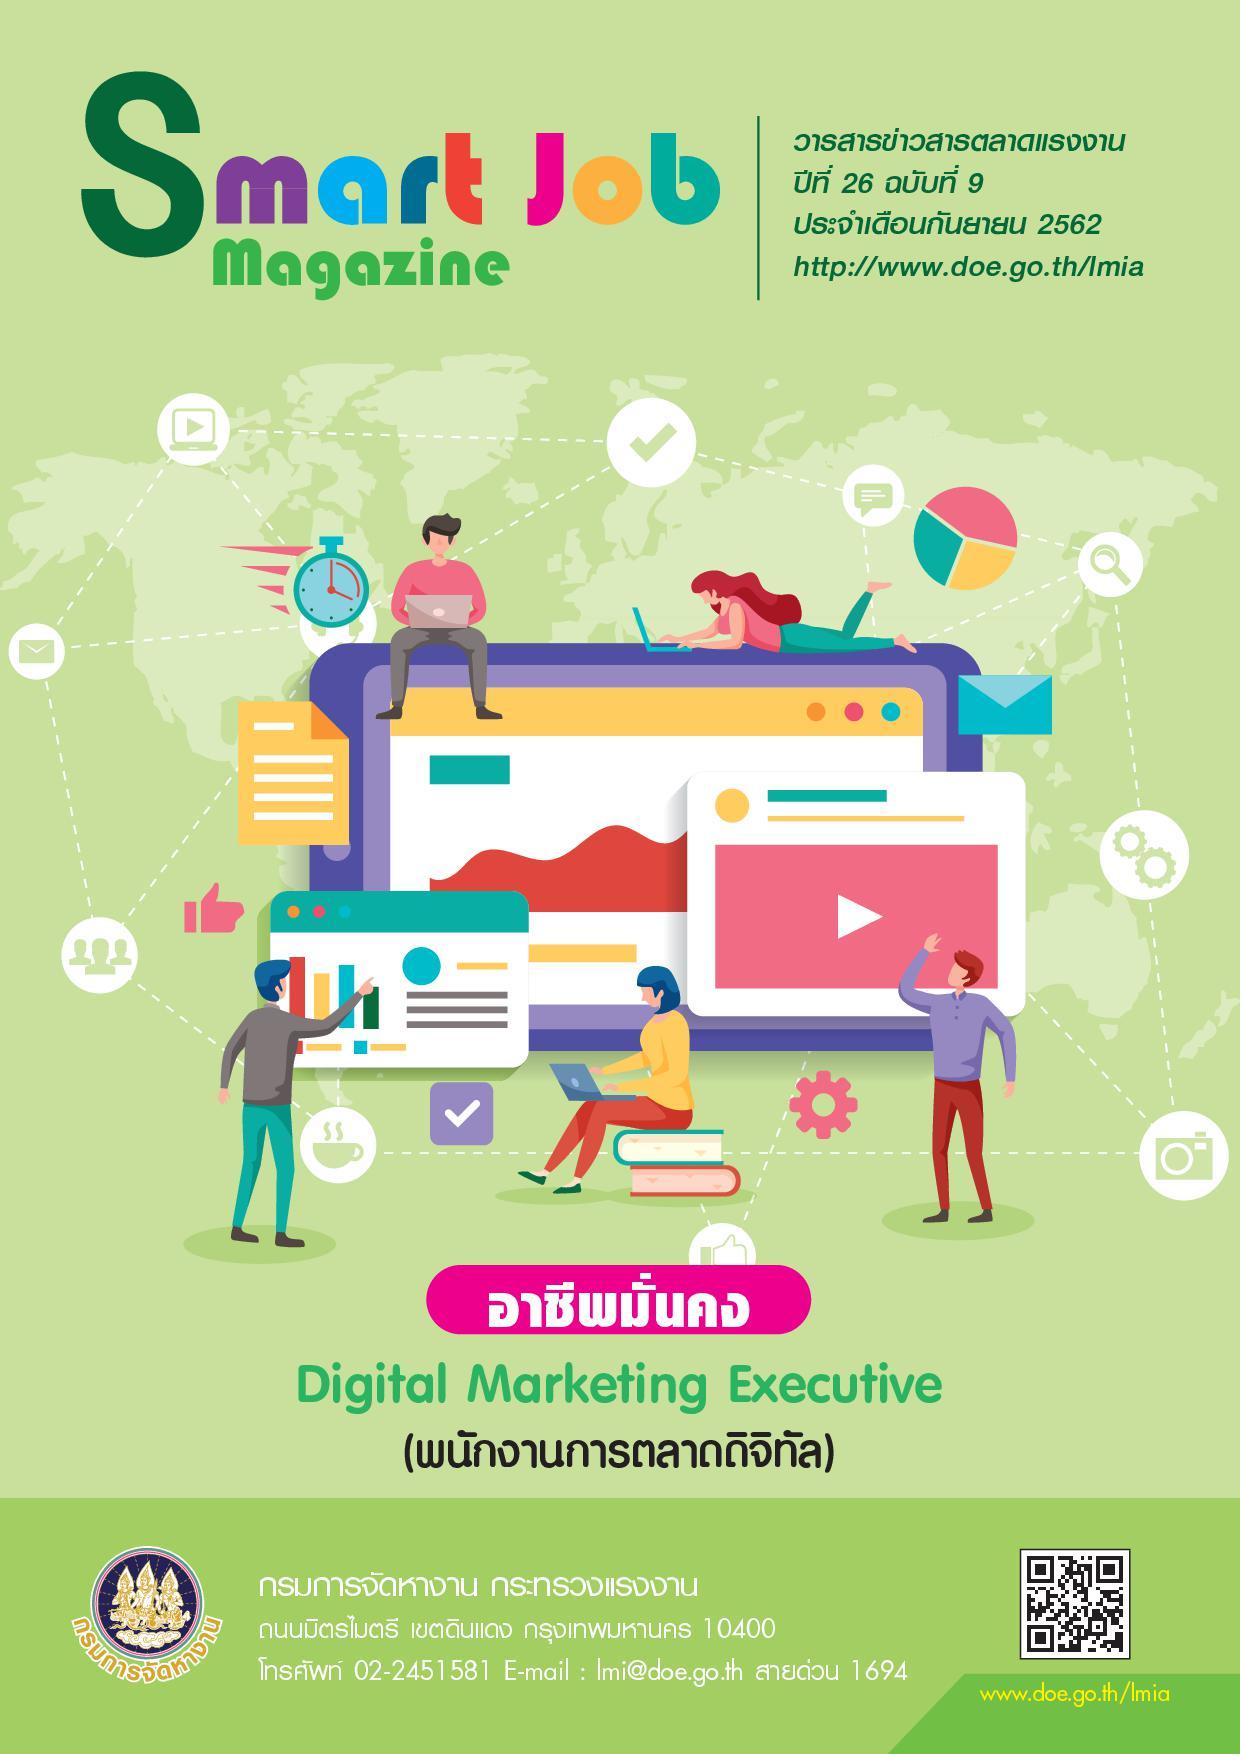 วารสารข่าวสารตลาดแรงงาน ปีที่ 25 ฉบับที่ 9 เดือนกันยายน 2562